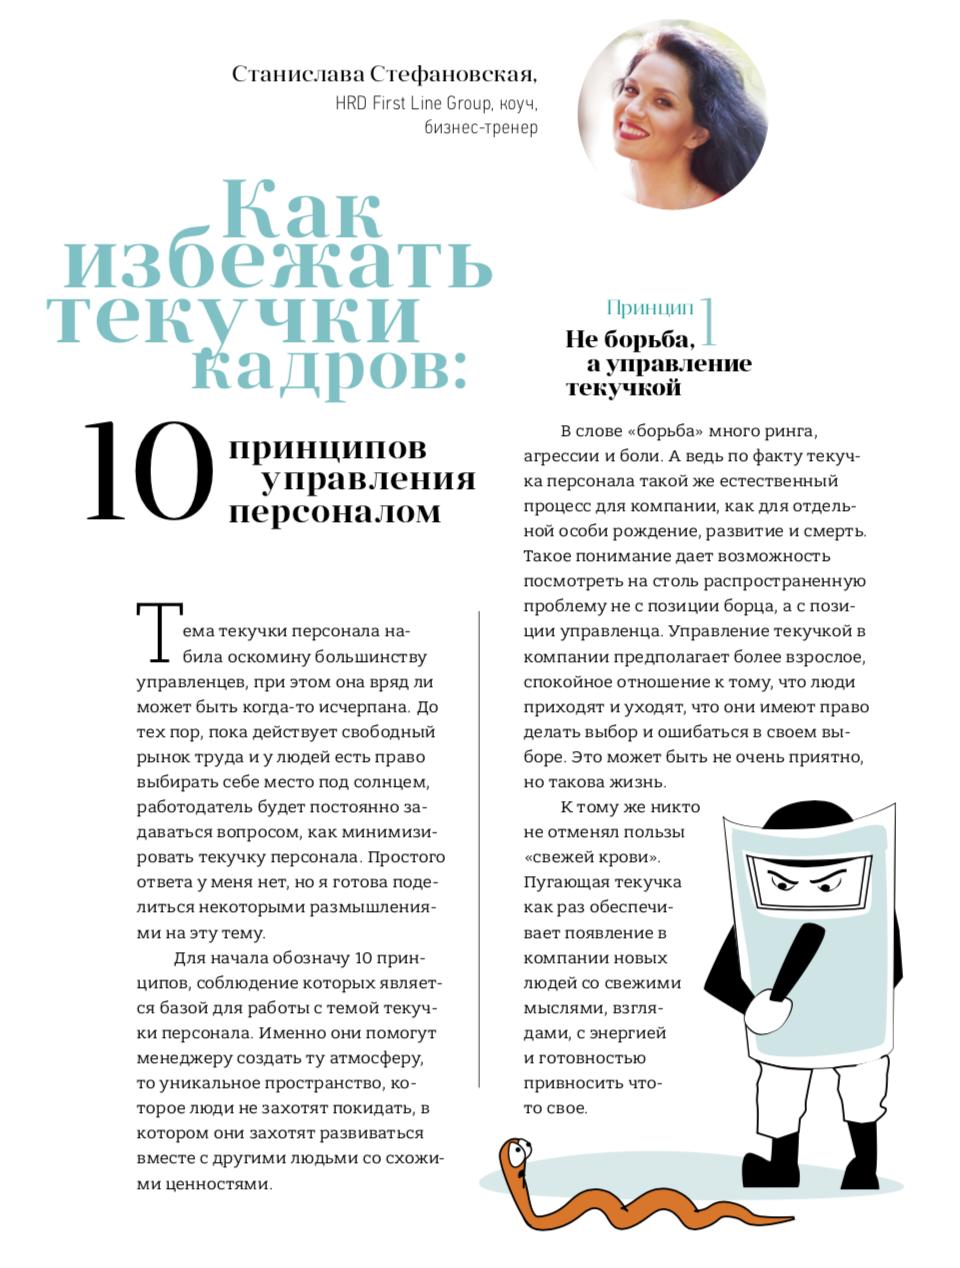 Стефановская Станислава, Как избежать текучки кадров